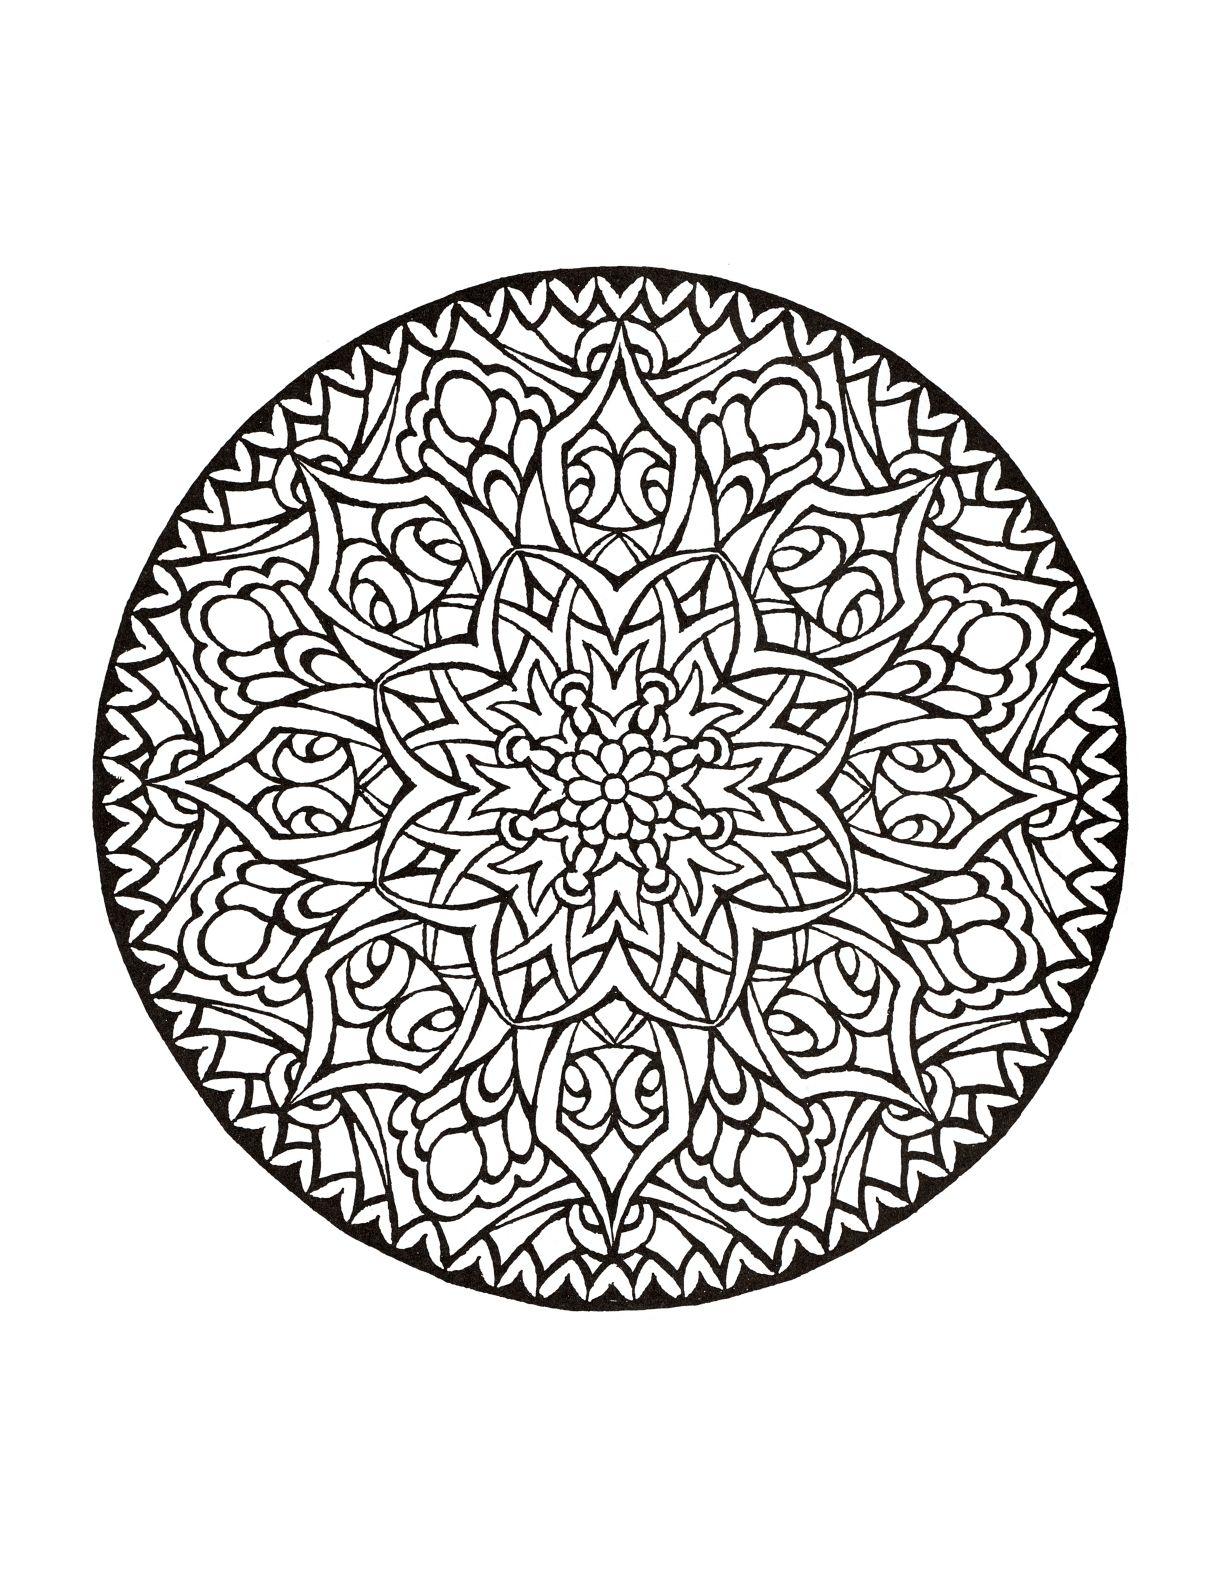 Mystical Mandala Coloring Book | To Print | Mandala Coloring